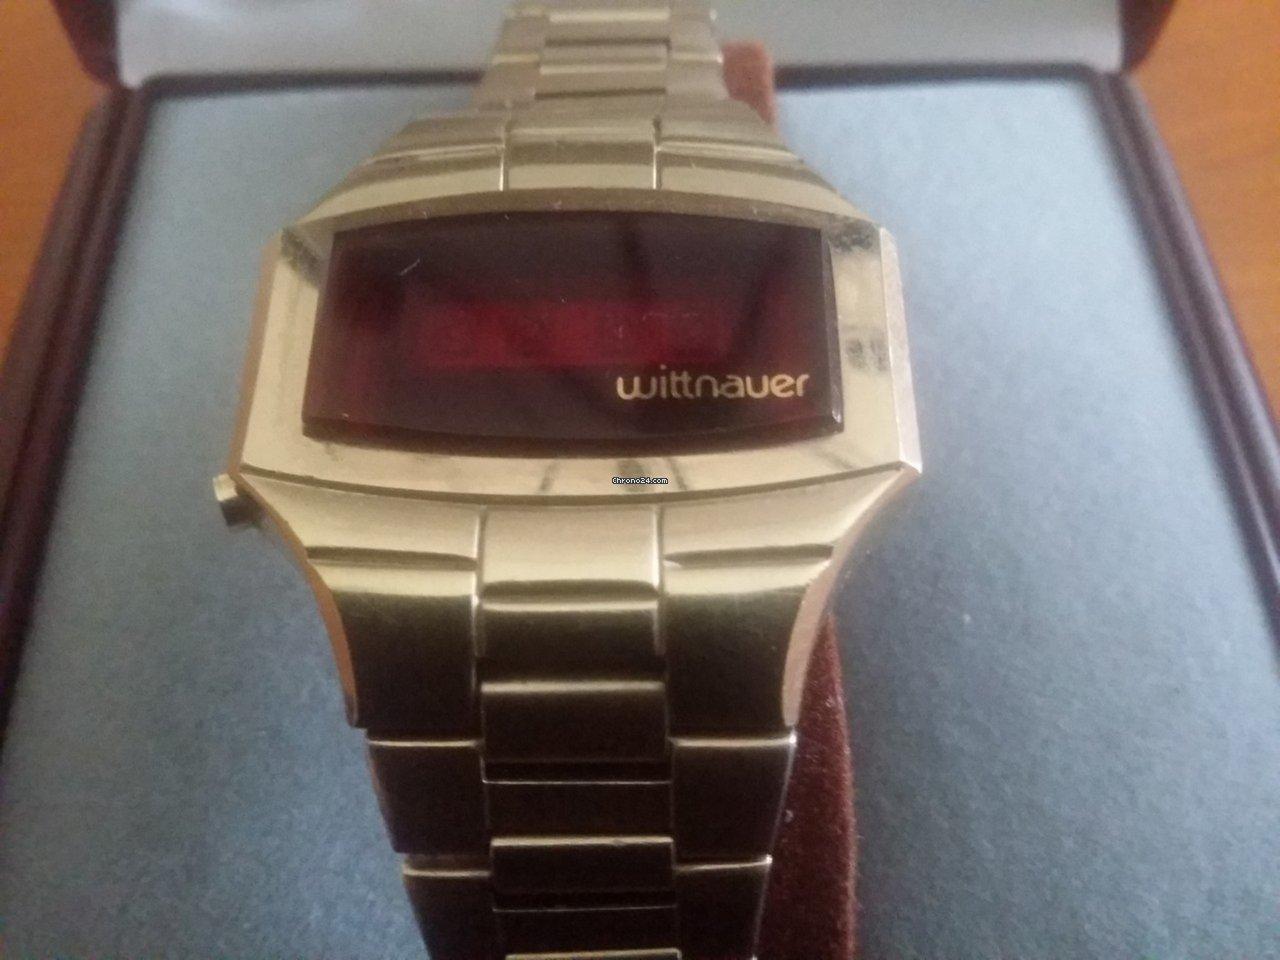 Μεταχειρισμένα ρολόγια Wittnauer  a90e85b1bd4